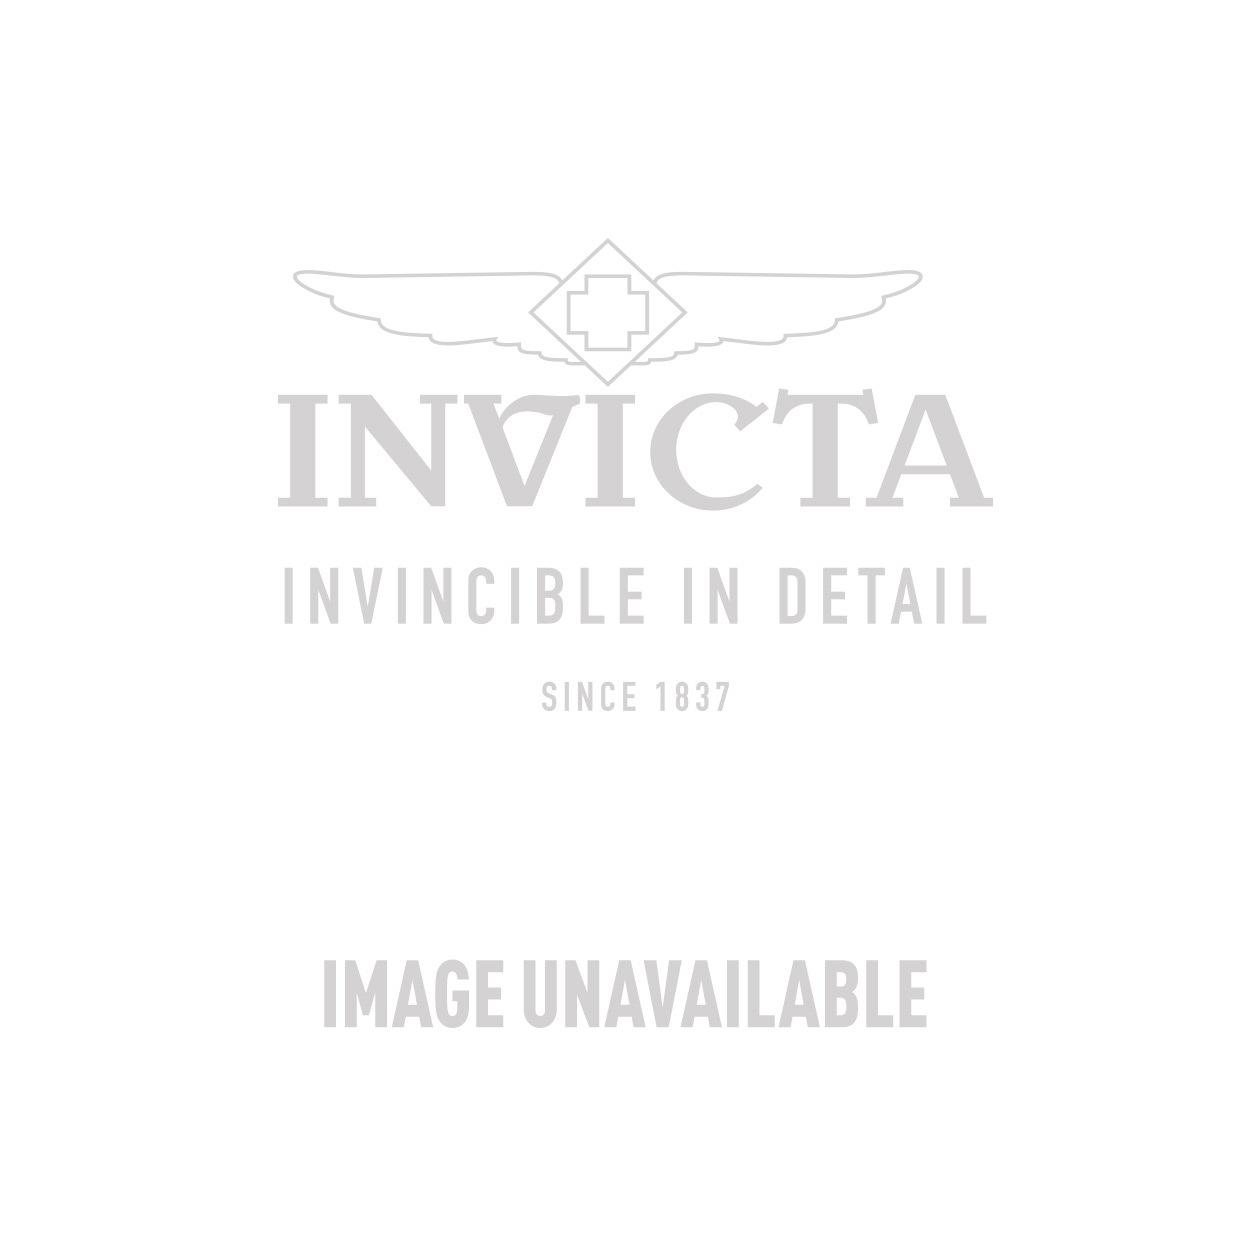 Invicta Model 29670